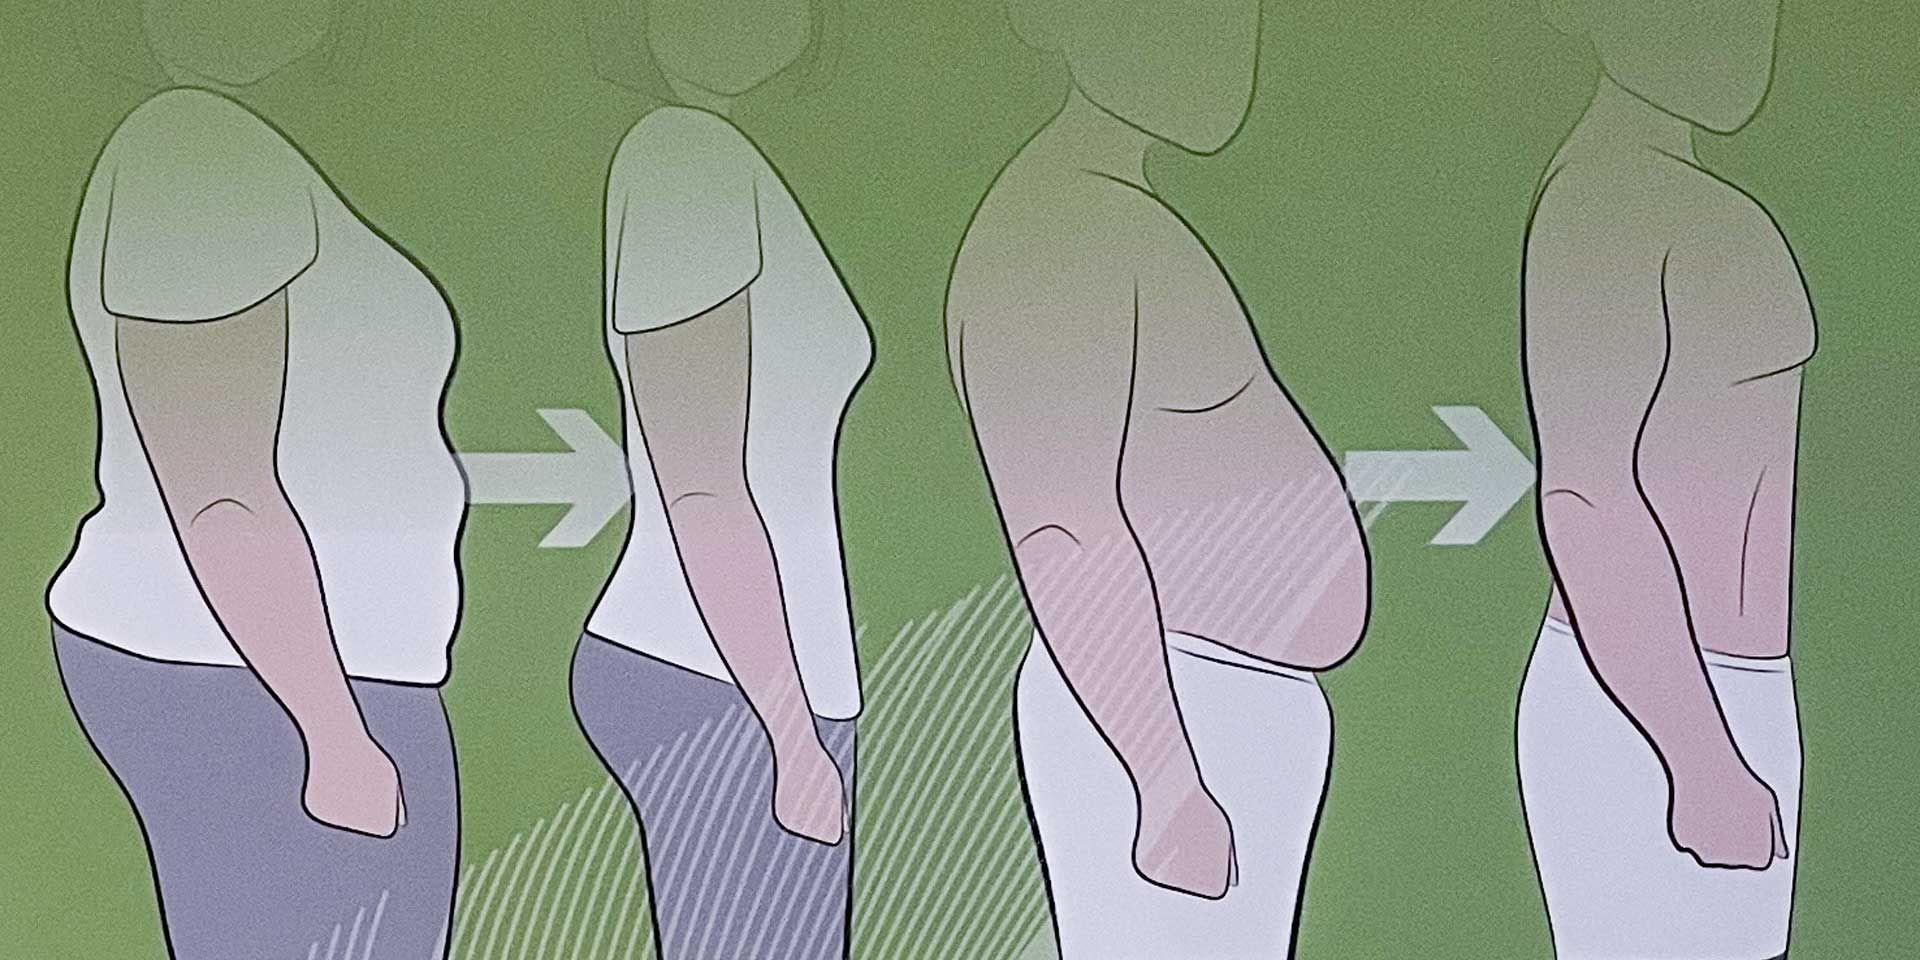 Prozess des Abnehmens mit einer Stoffwechselkur